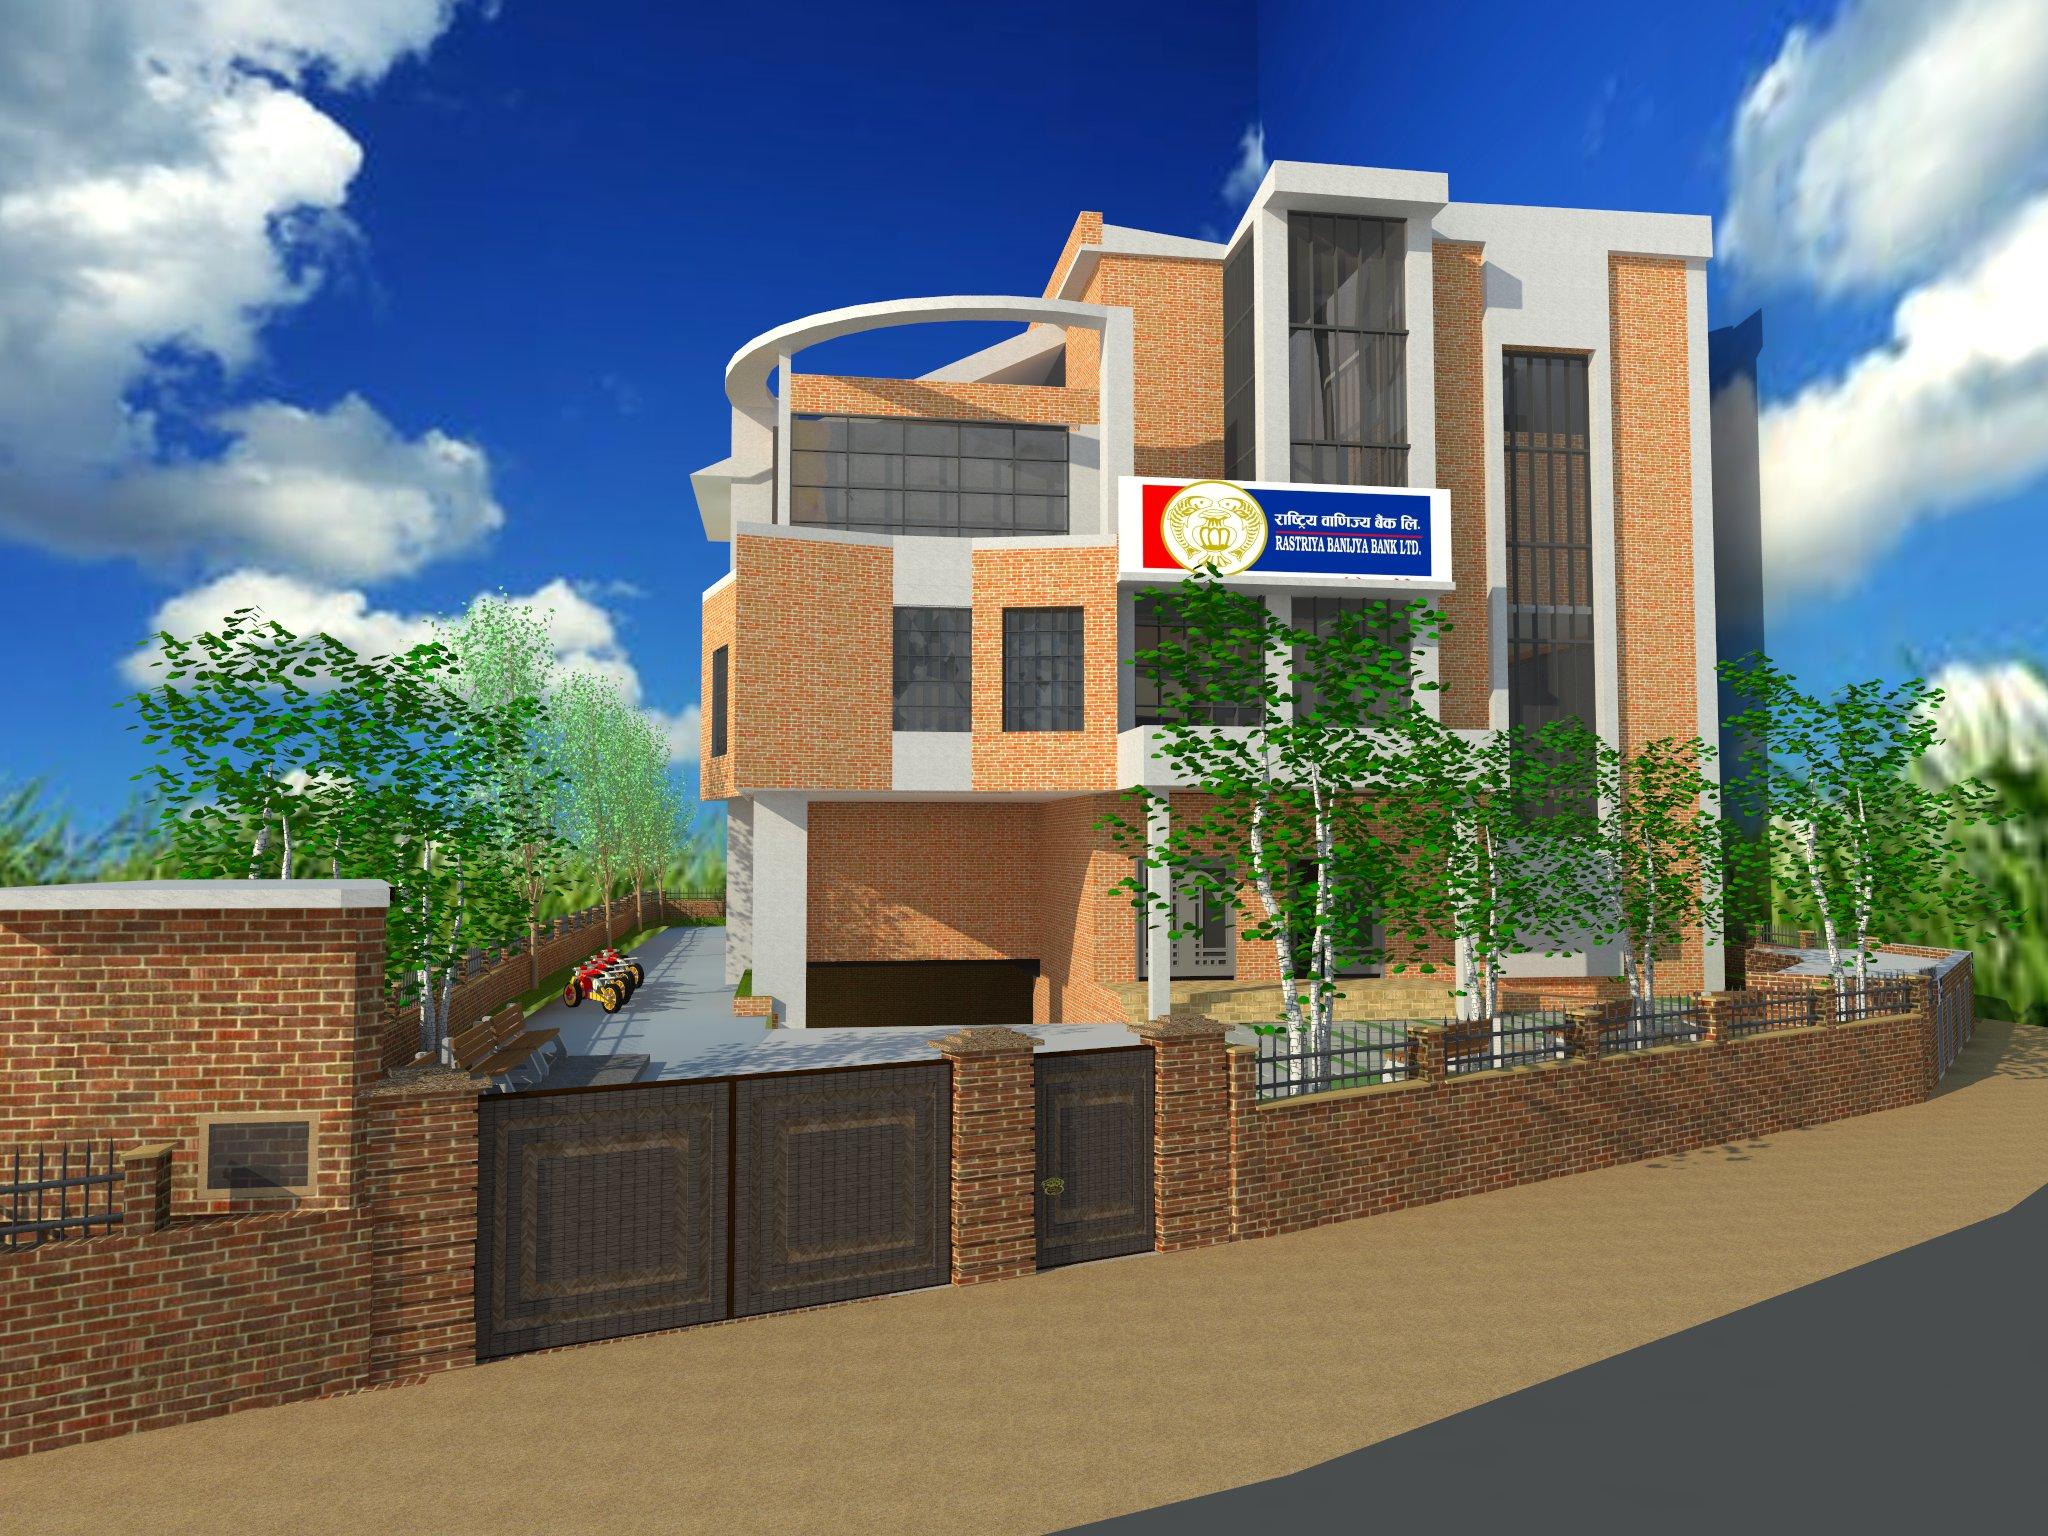 Sitara Consult P Ltd